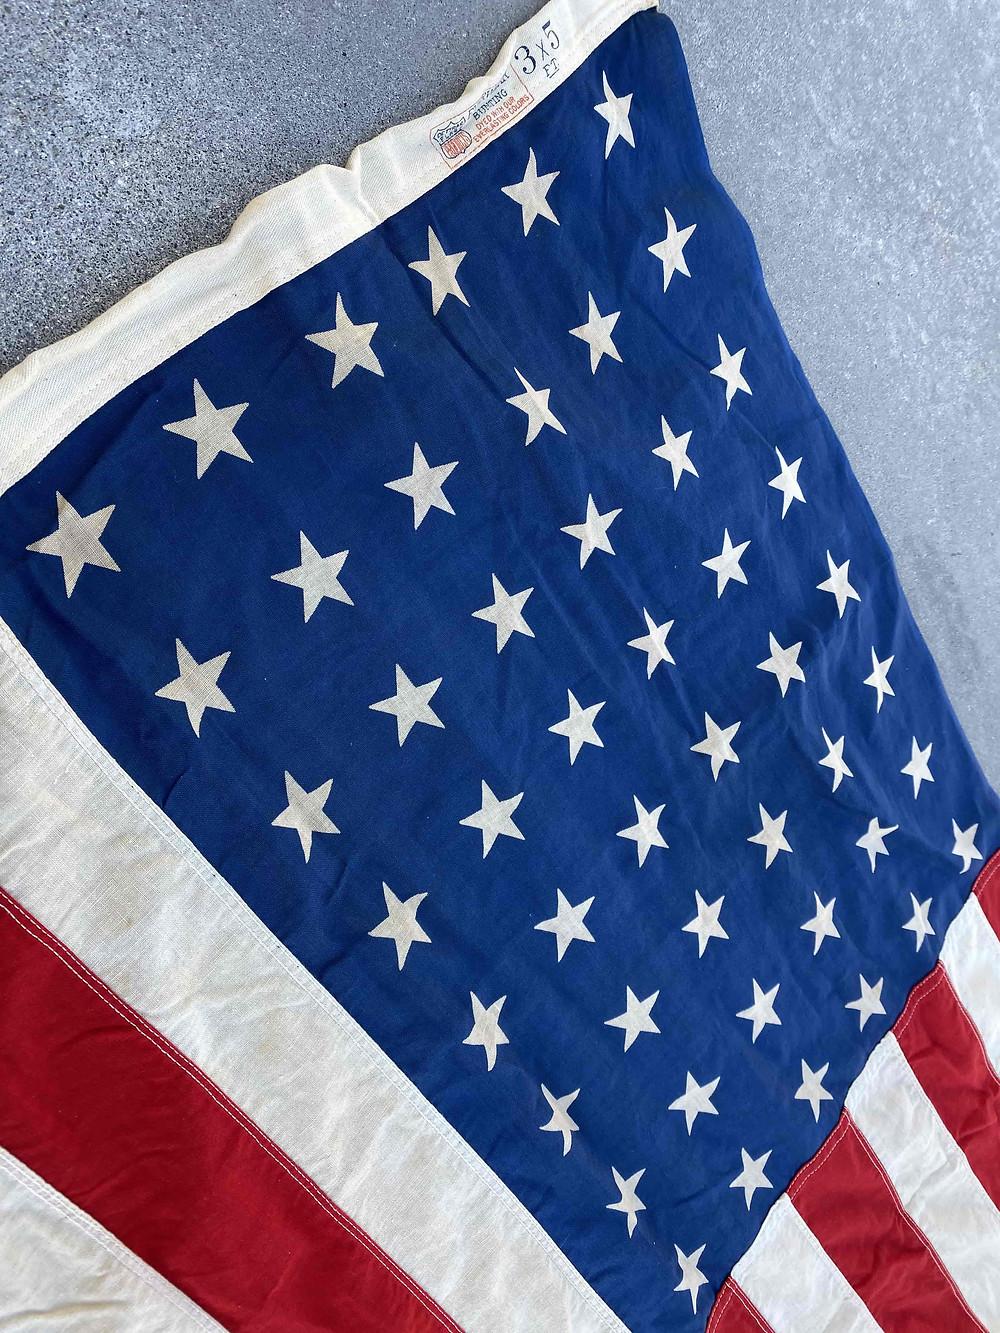 48つの星が60年以上前の旗であることを証明